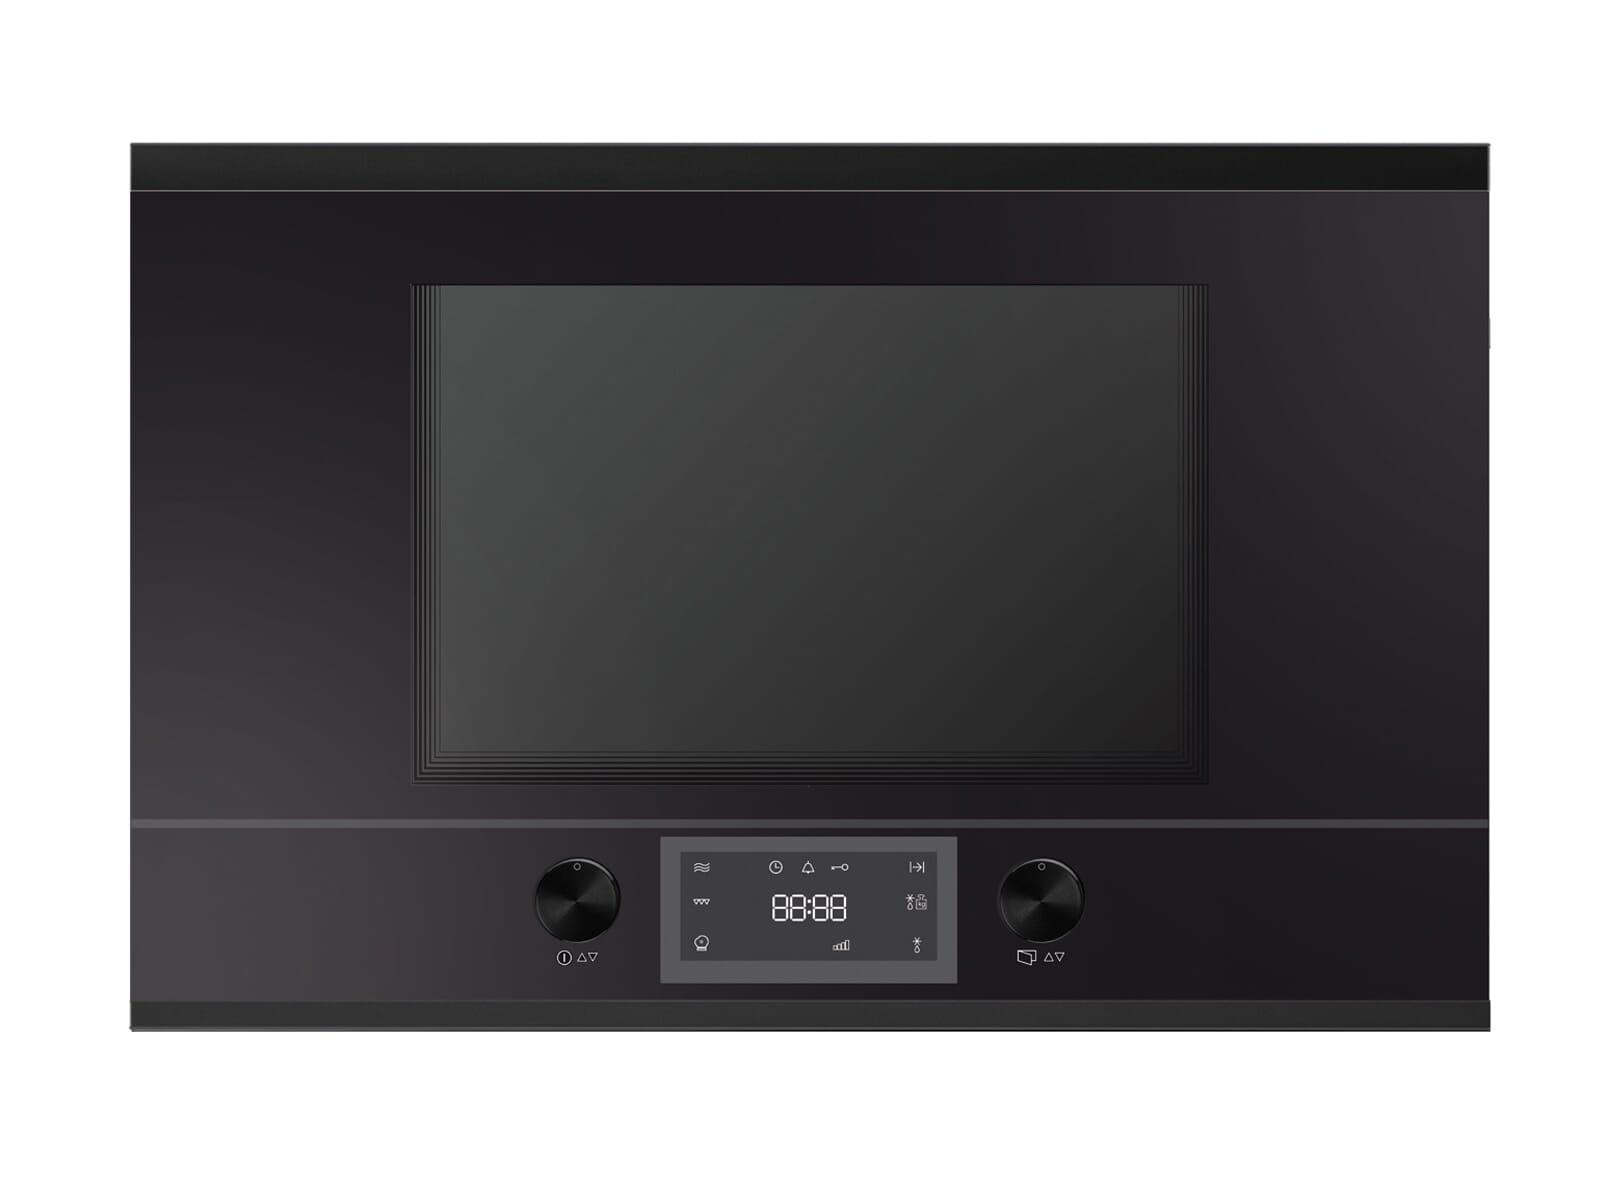 Küppersbusch ML 6330.0 S5 K-Series. 3 Einbau-Mikrowelle Schwarz/Black Velvet